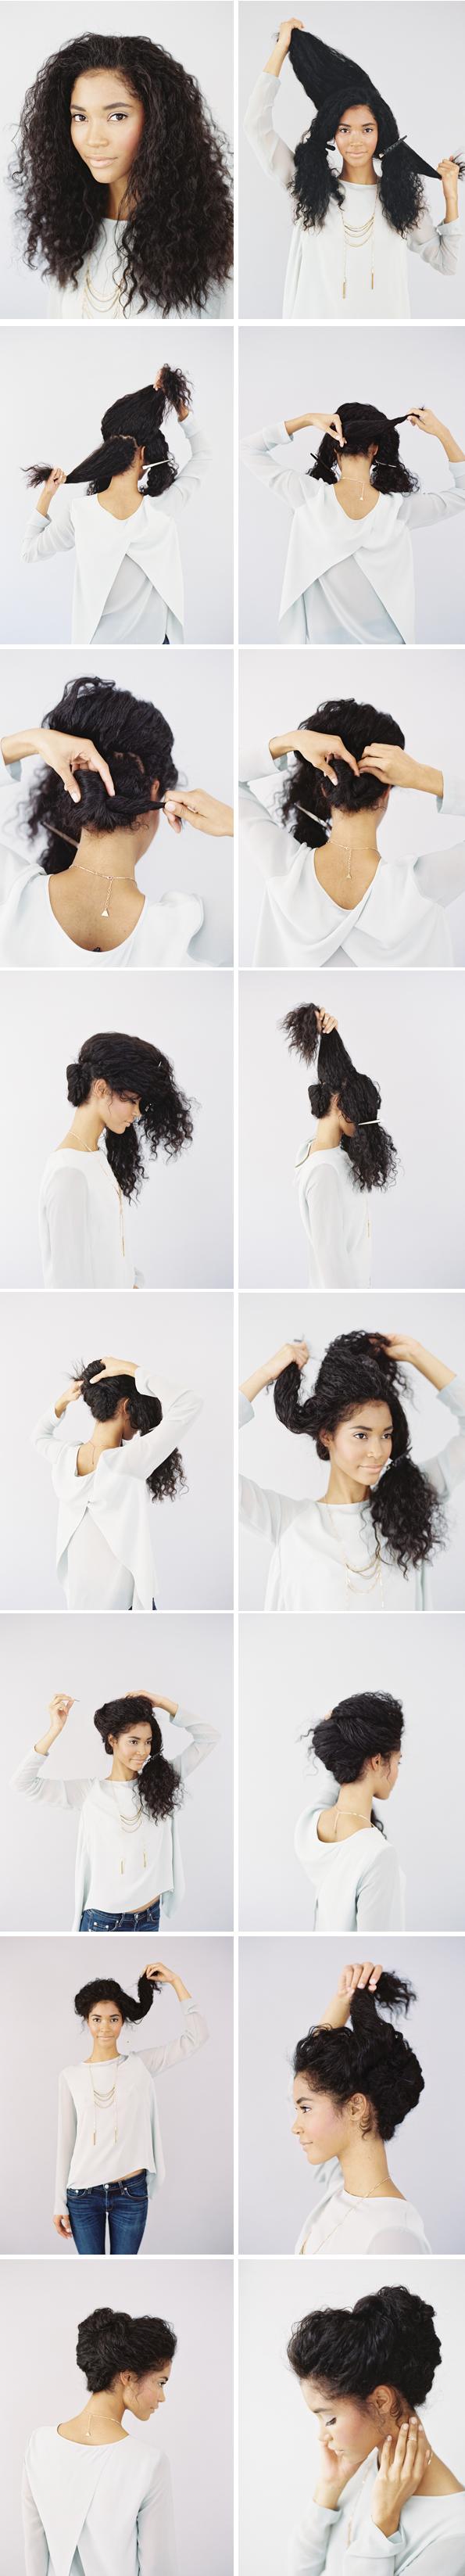 Pedir a Laura que te ayude a recrear ese top con la espalda abierta. Es una monada  Wedding Updo for Naturally Curly Hair